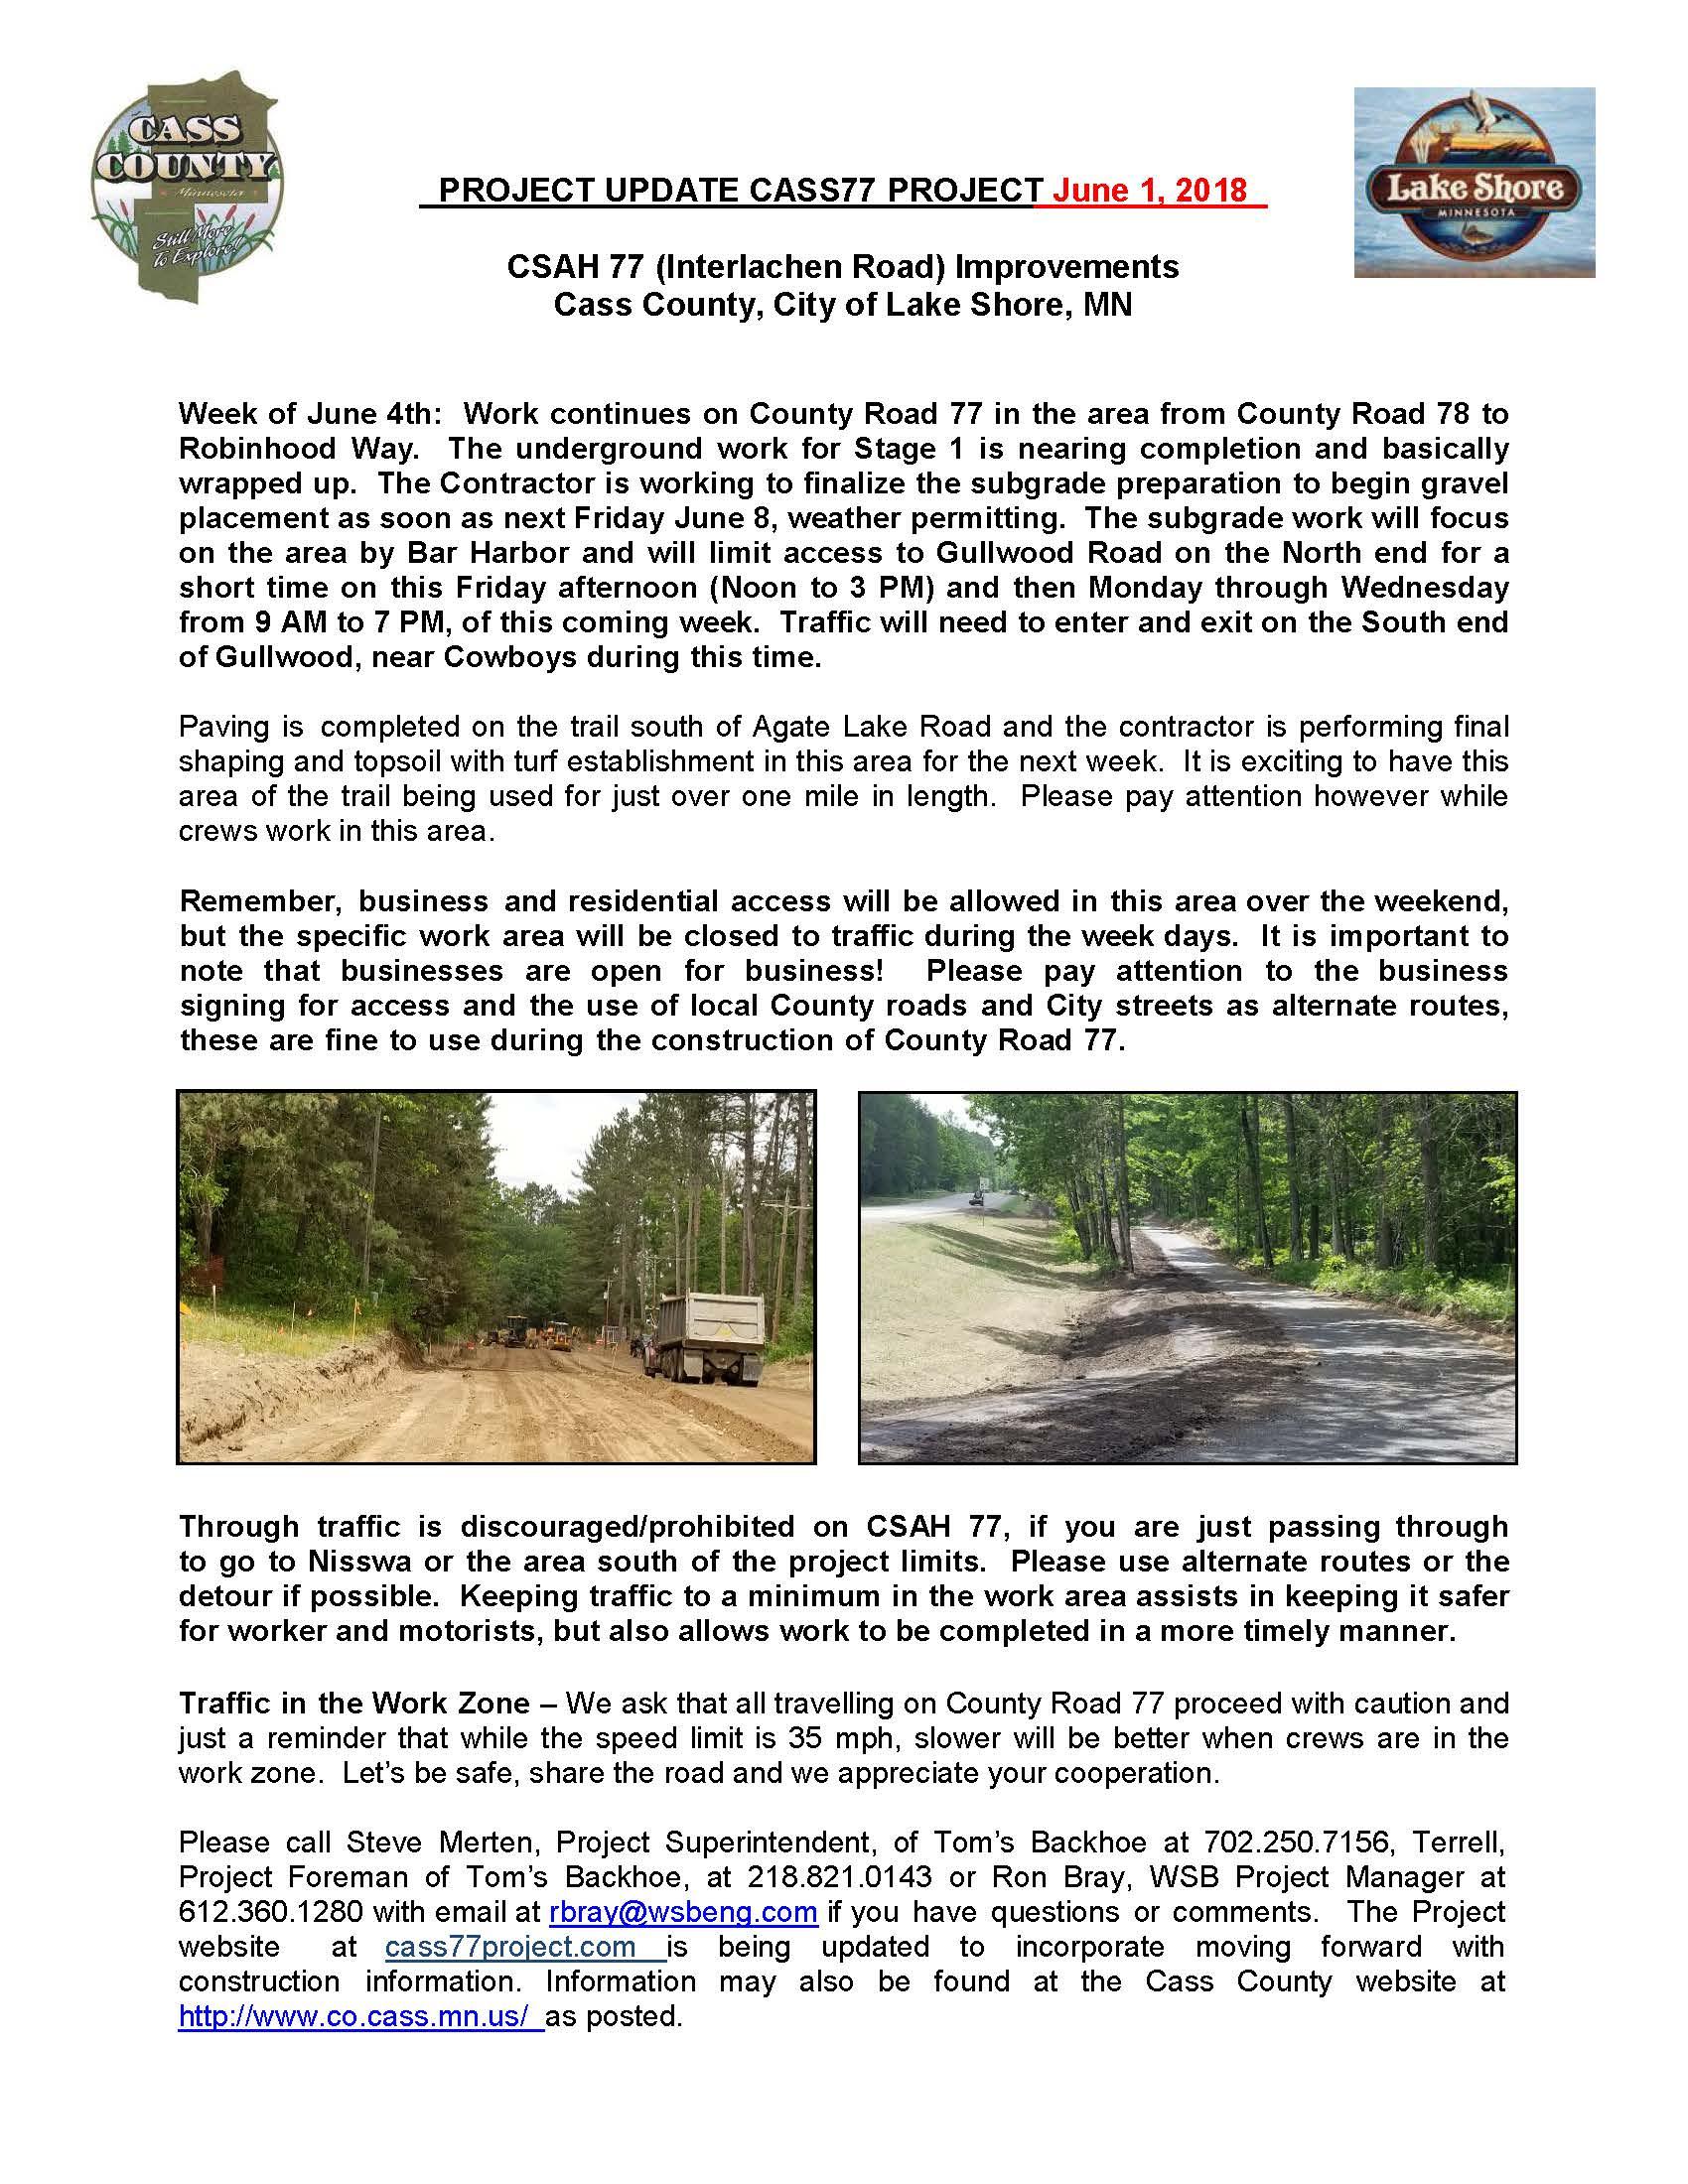 Cass County CSAH 77 Project update June 1 2018 (003).jpg